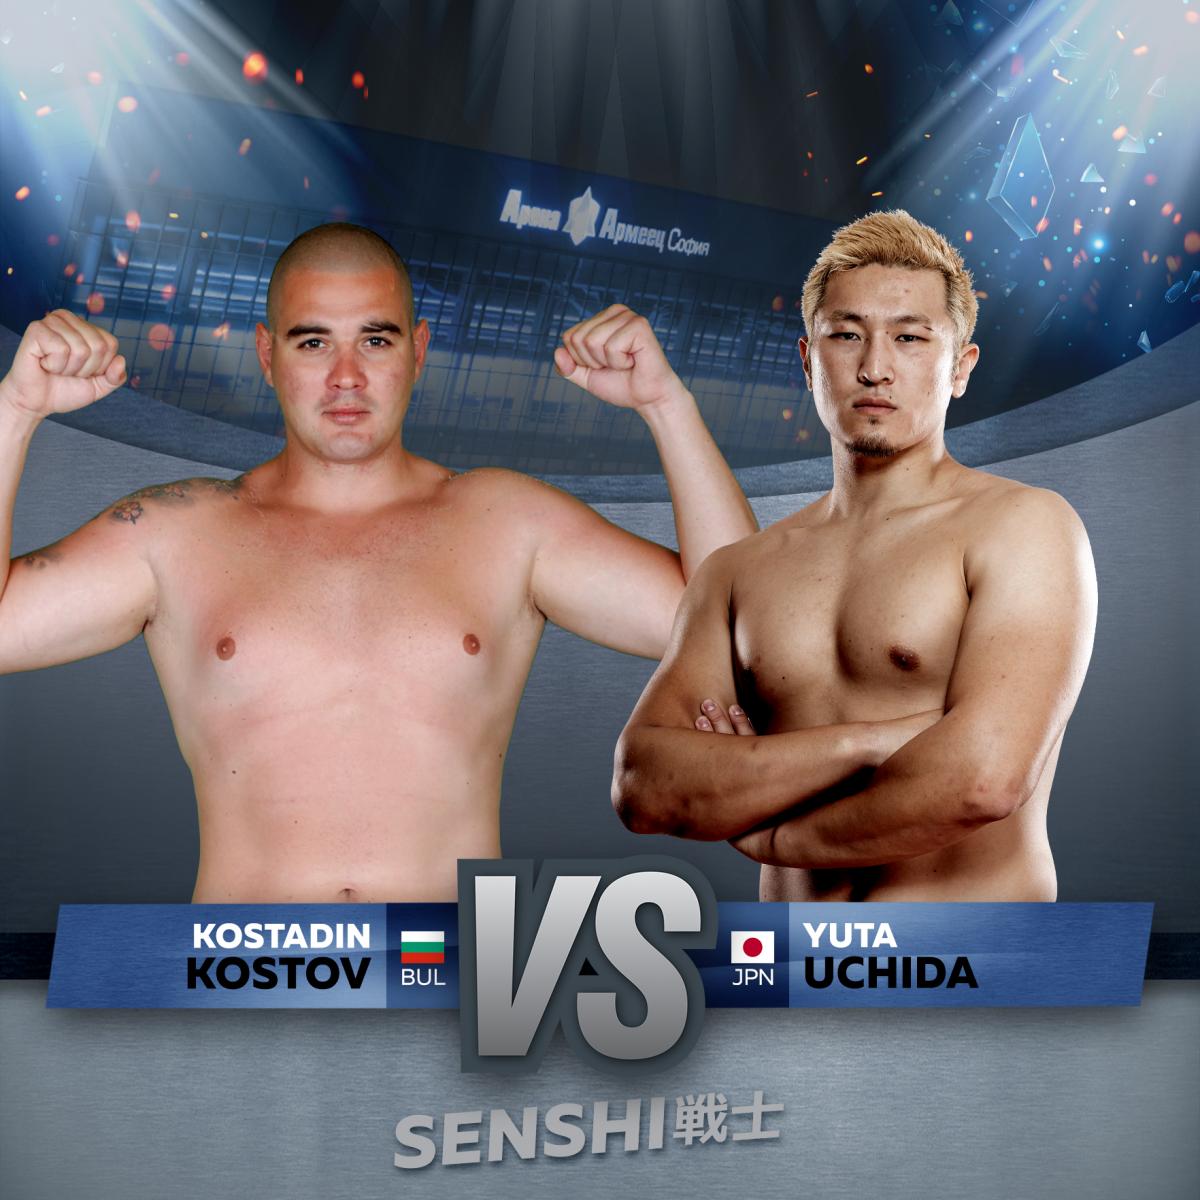 Костадин Костов ще се изправи срещу японски шампион на SENSHI